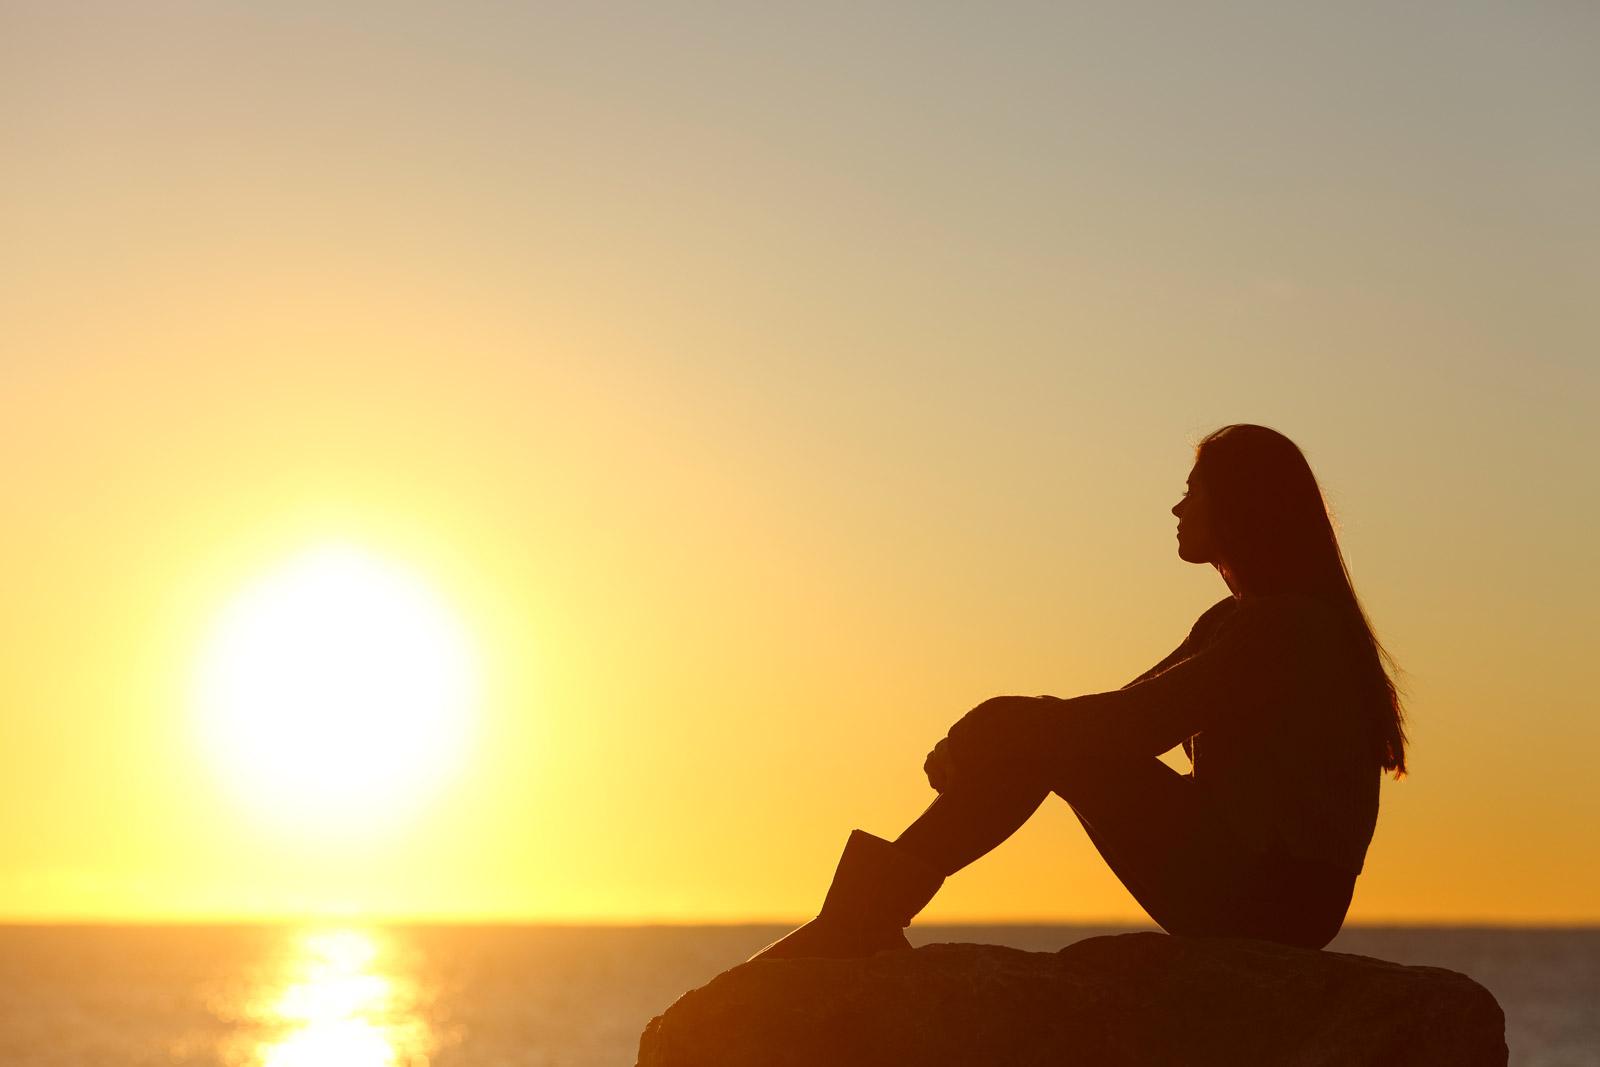 Il lascito è donna: 3 donne che hanno lasciato un segno tangibile che rimane nel tempo